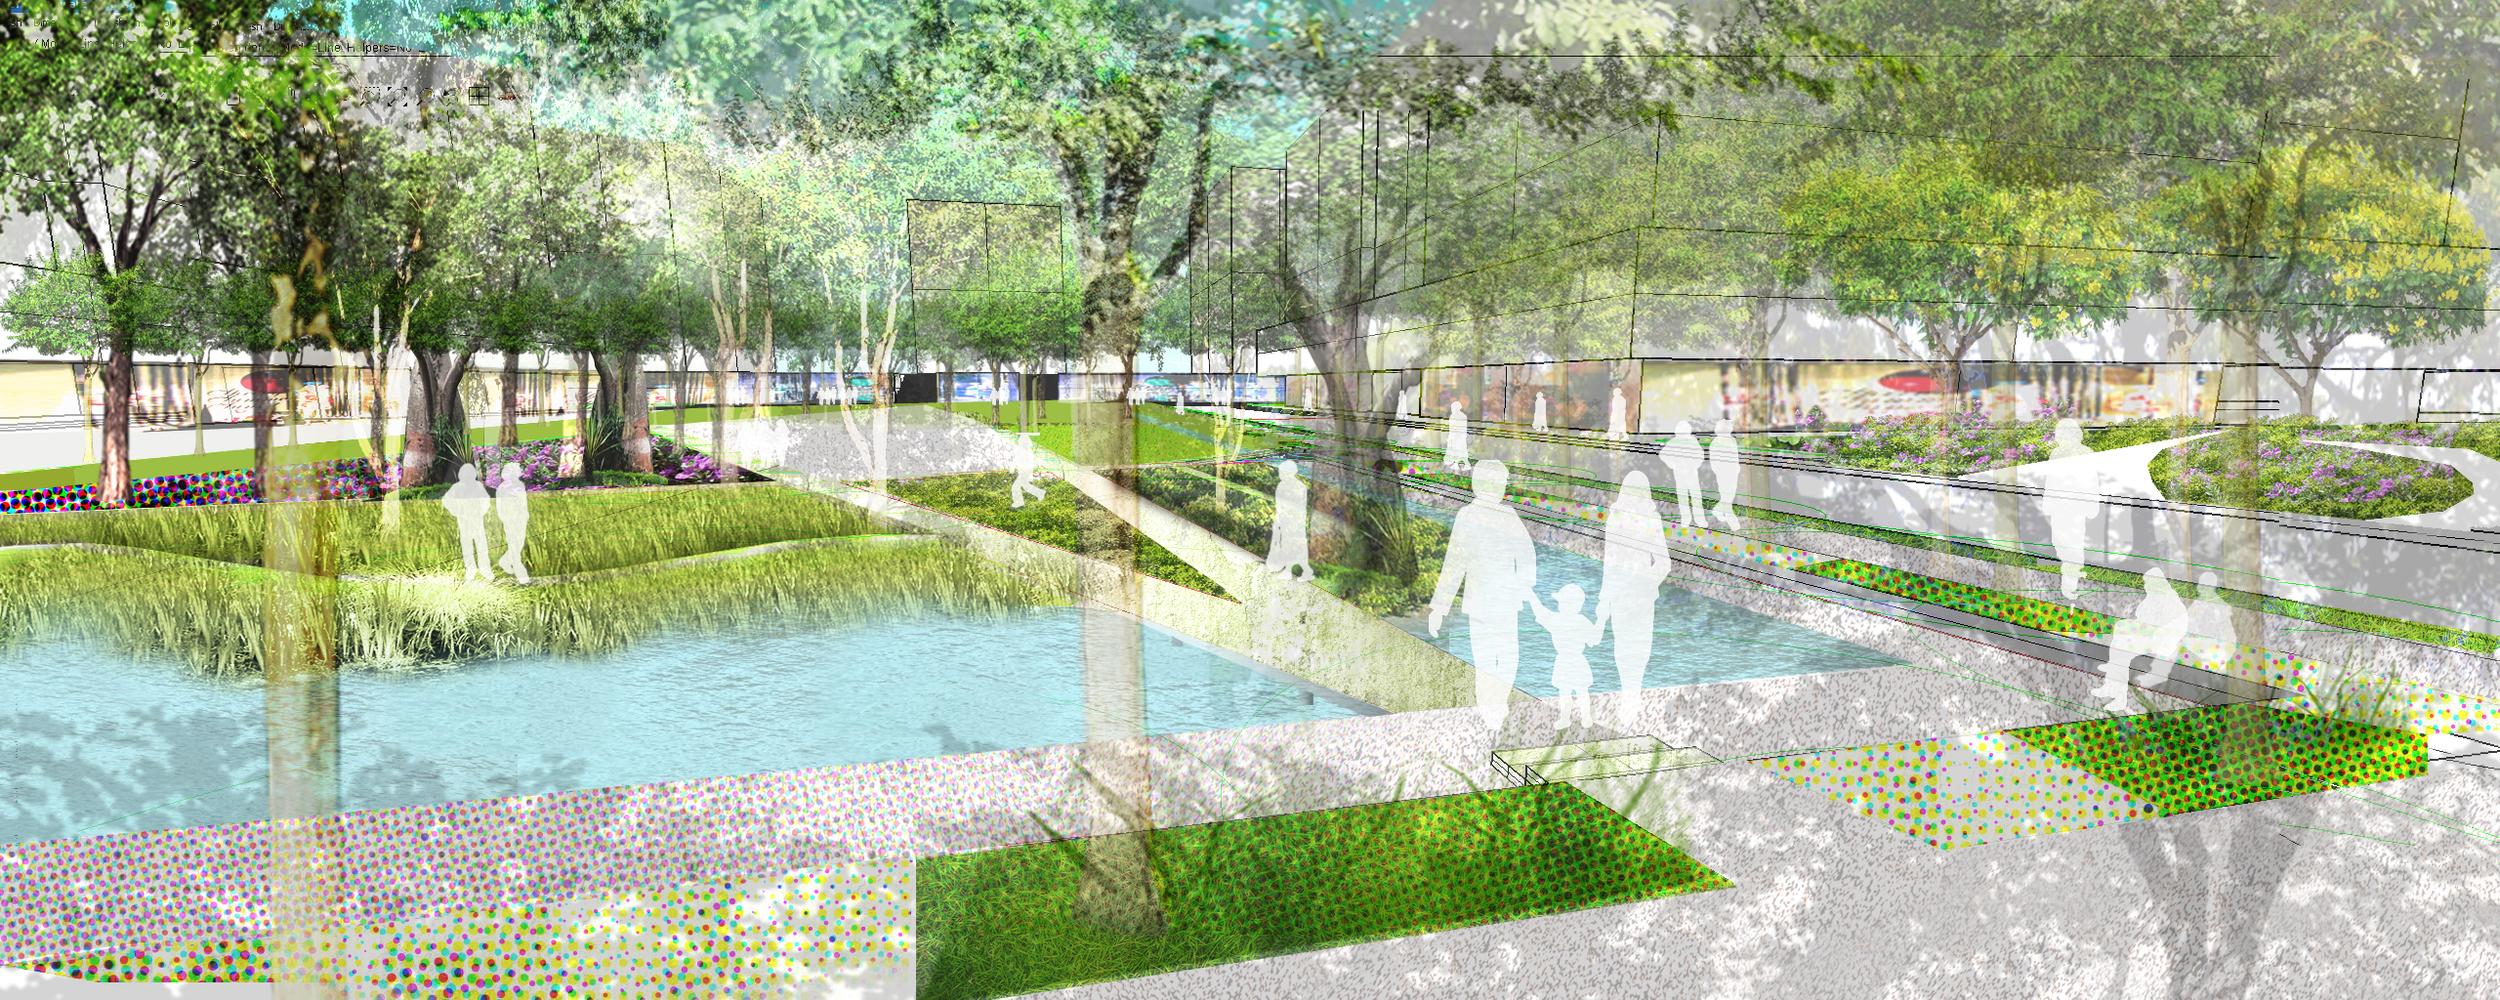 BA_godrej_view central park2.jpg